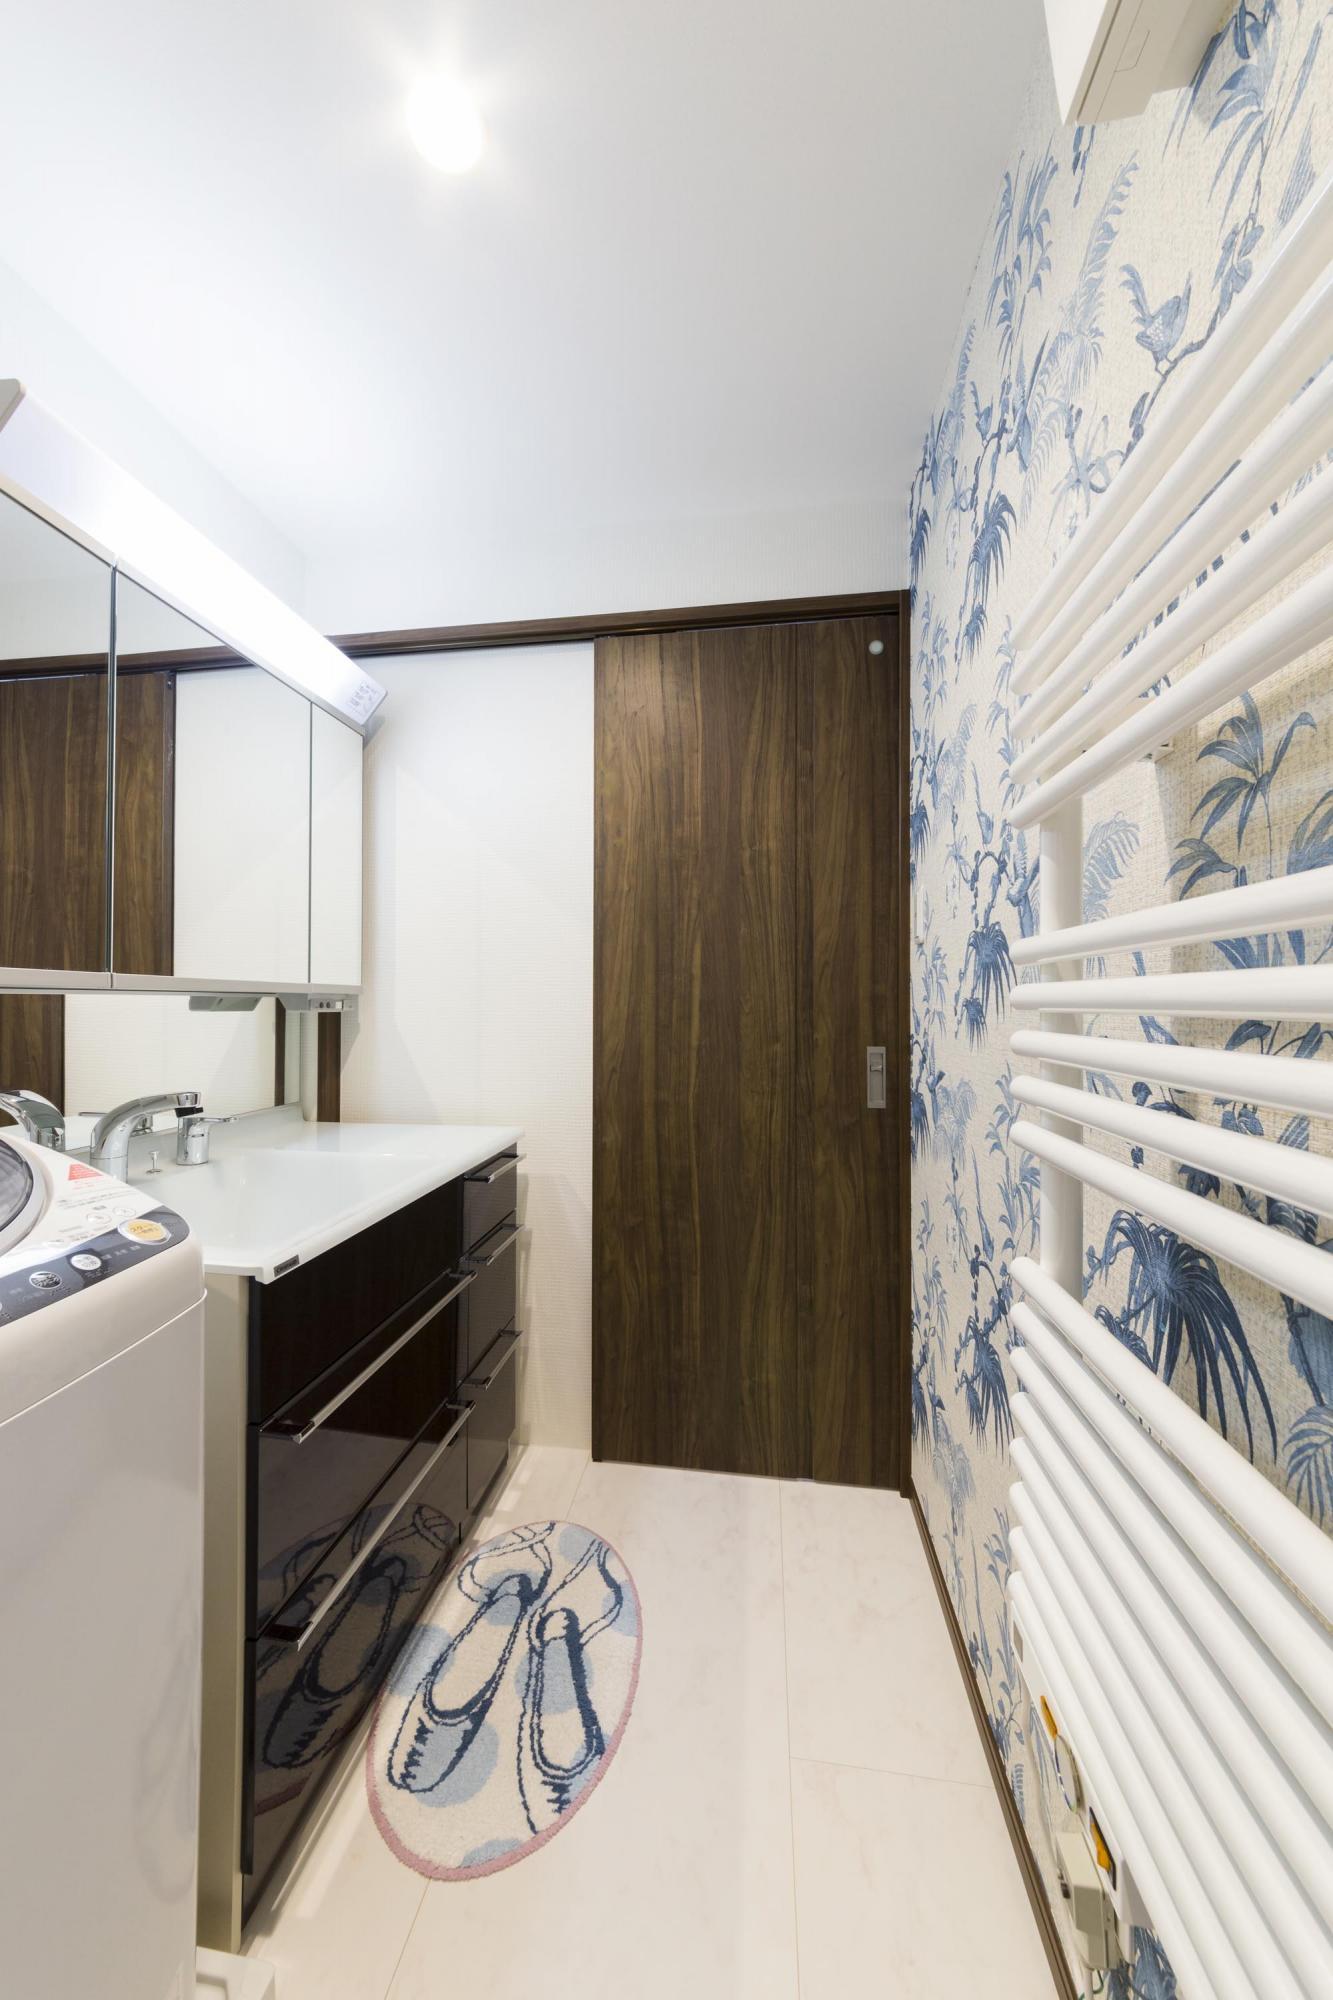 洗面空間にもアクセントクロスを使って明るく楽しげなイメージに仕上げた。お洒落なデザインのタオルウォーマーも備えている。